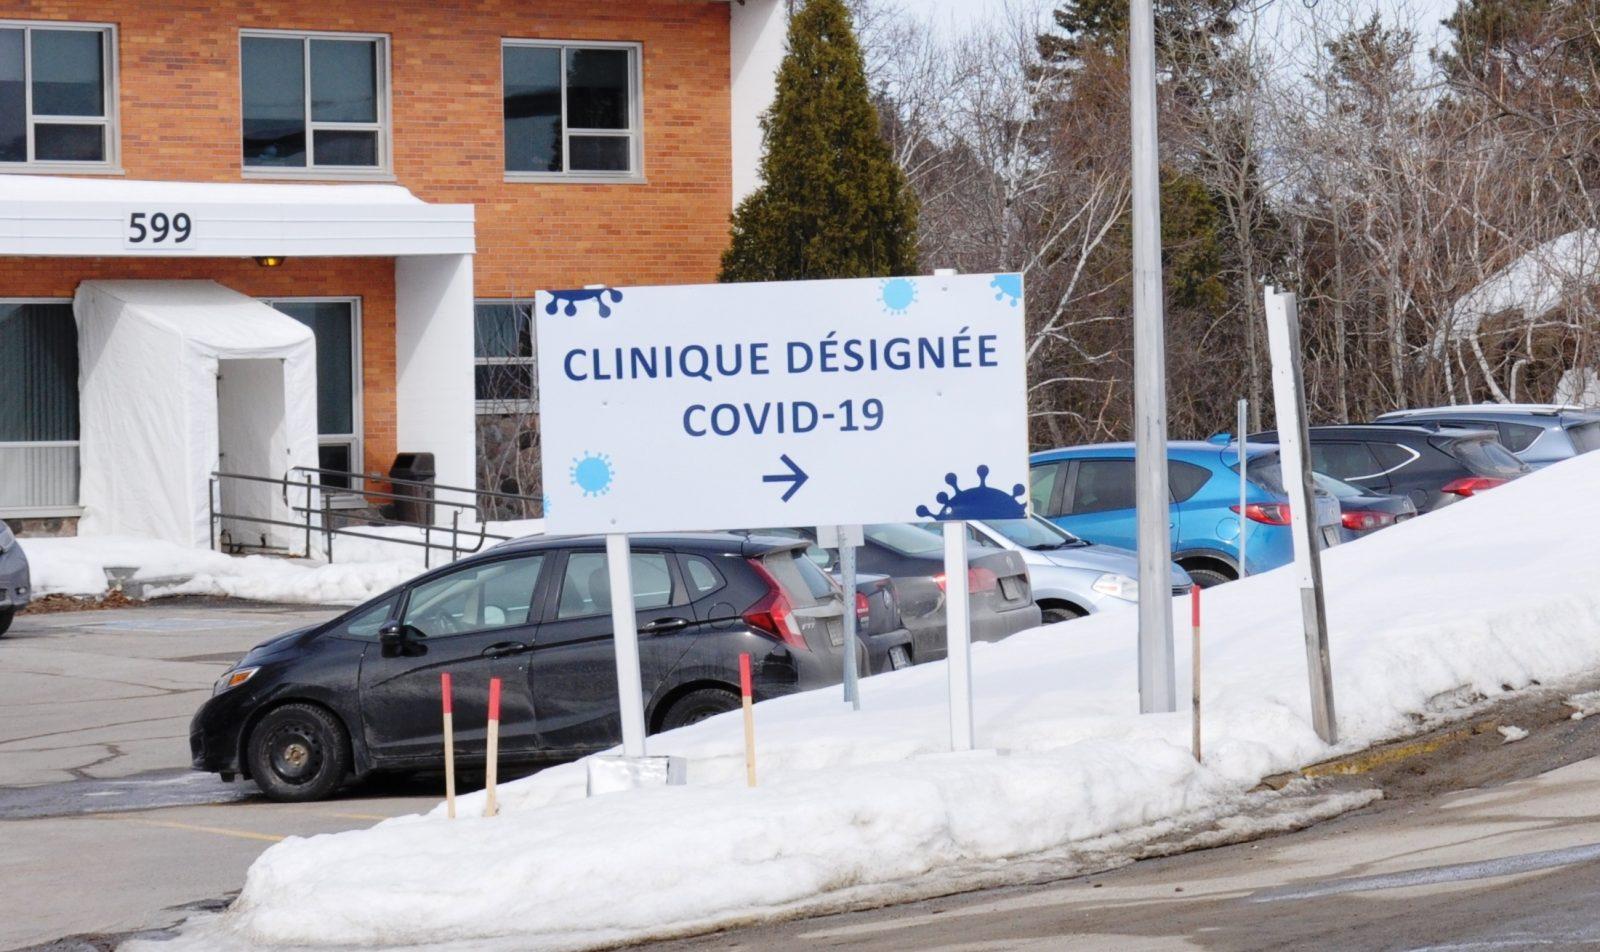 Un seul nouveau cas de COVID-19 en fin de semaine dans la région